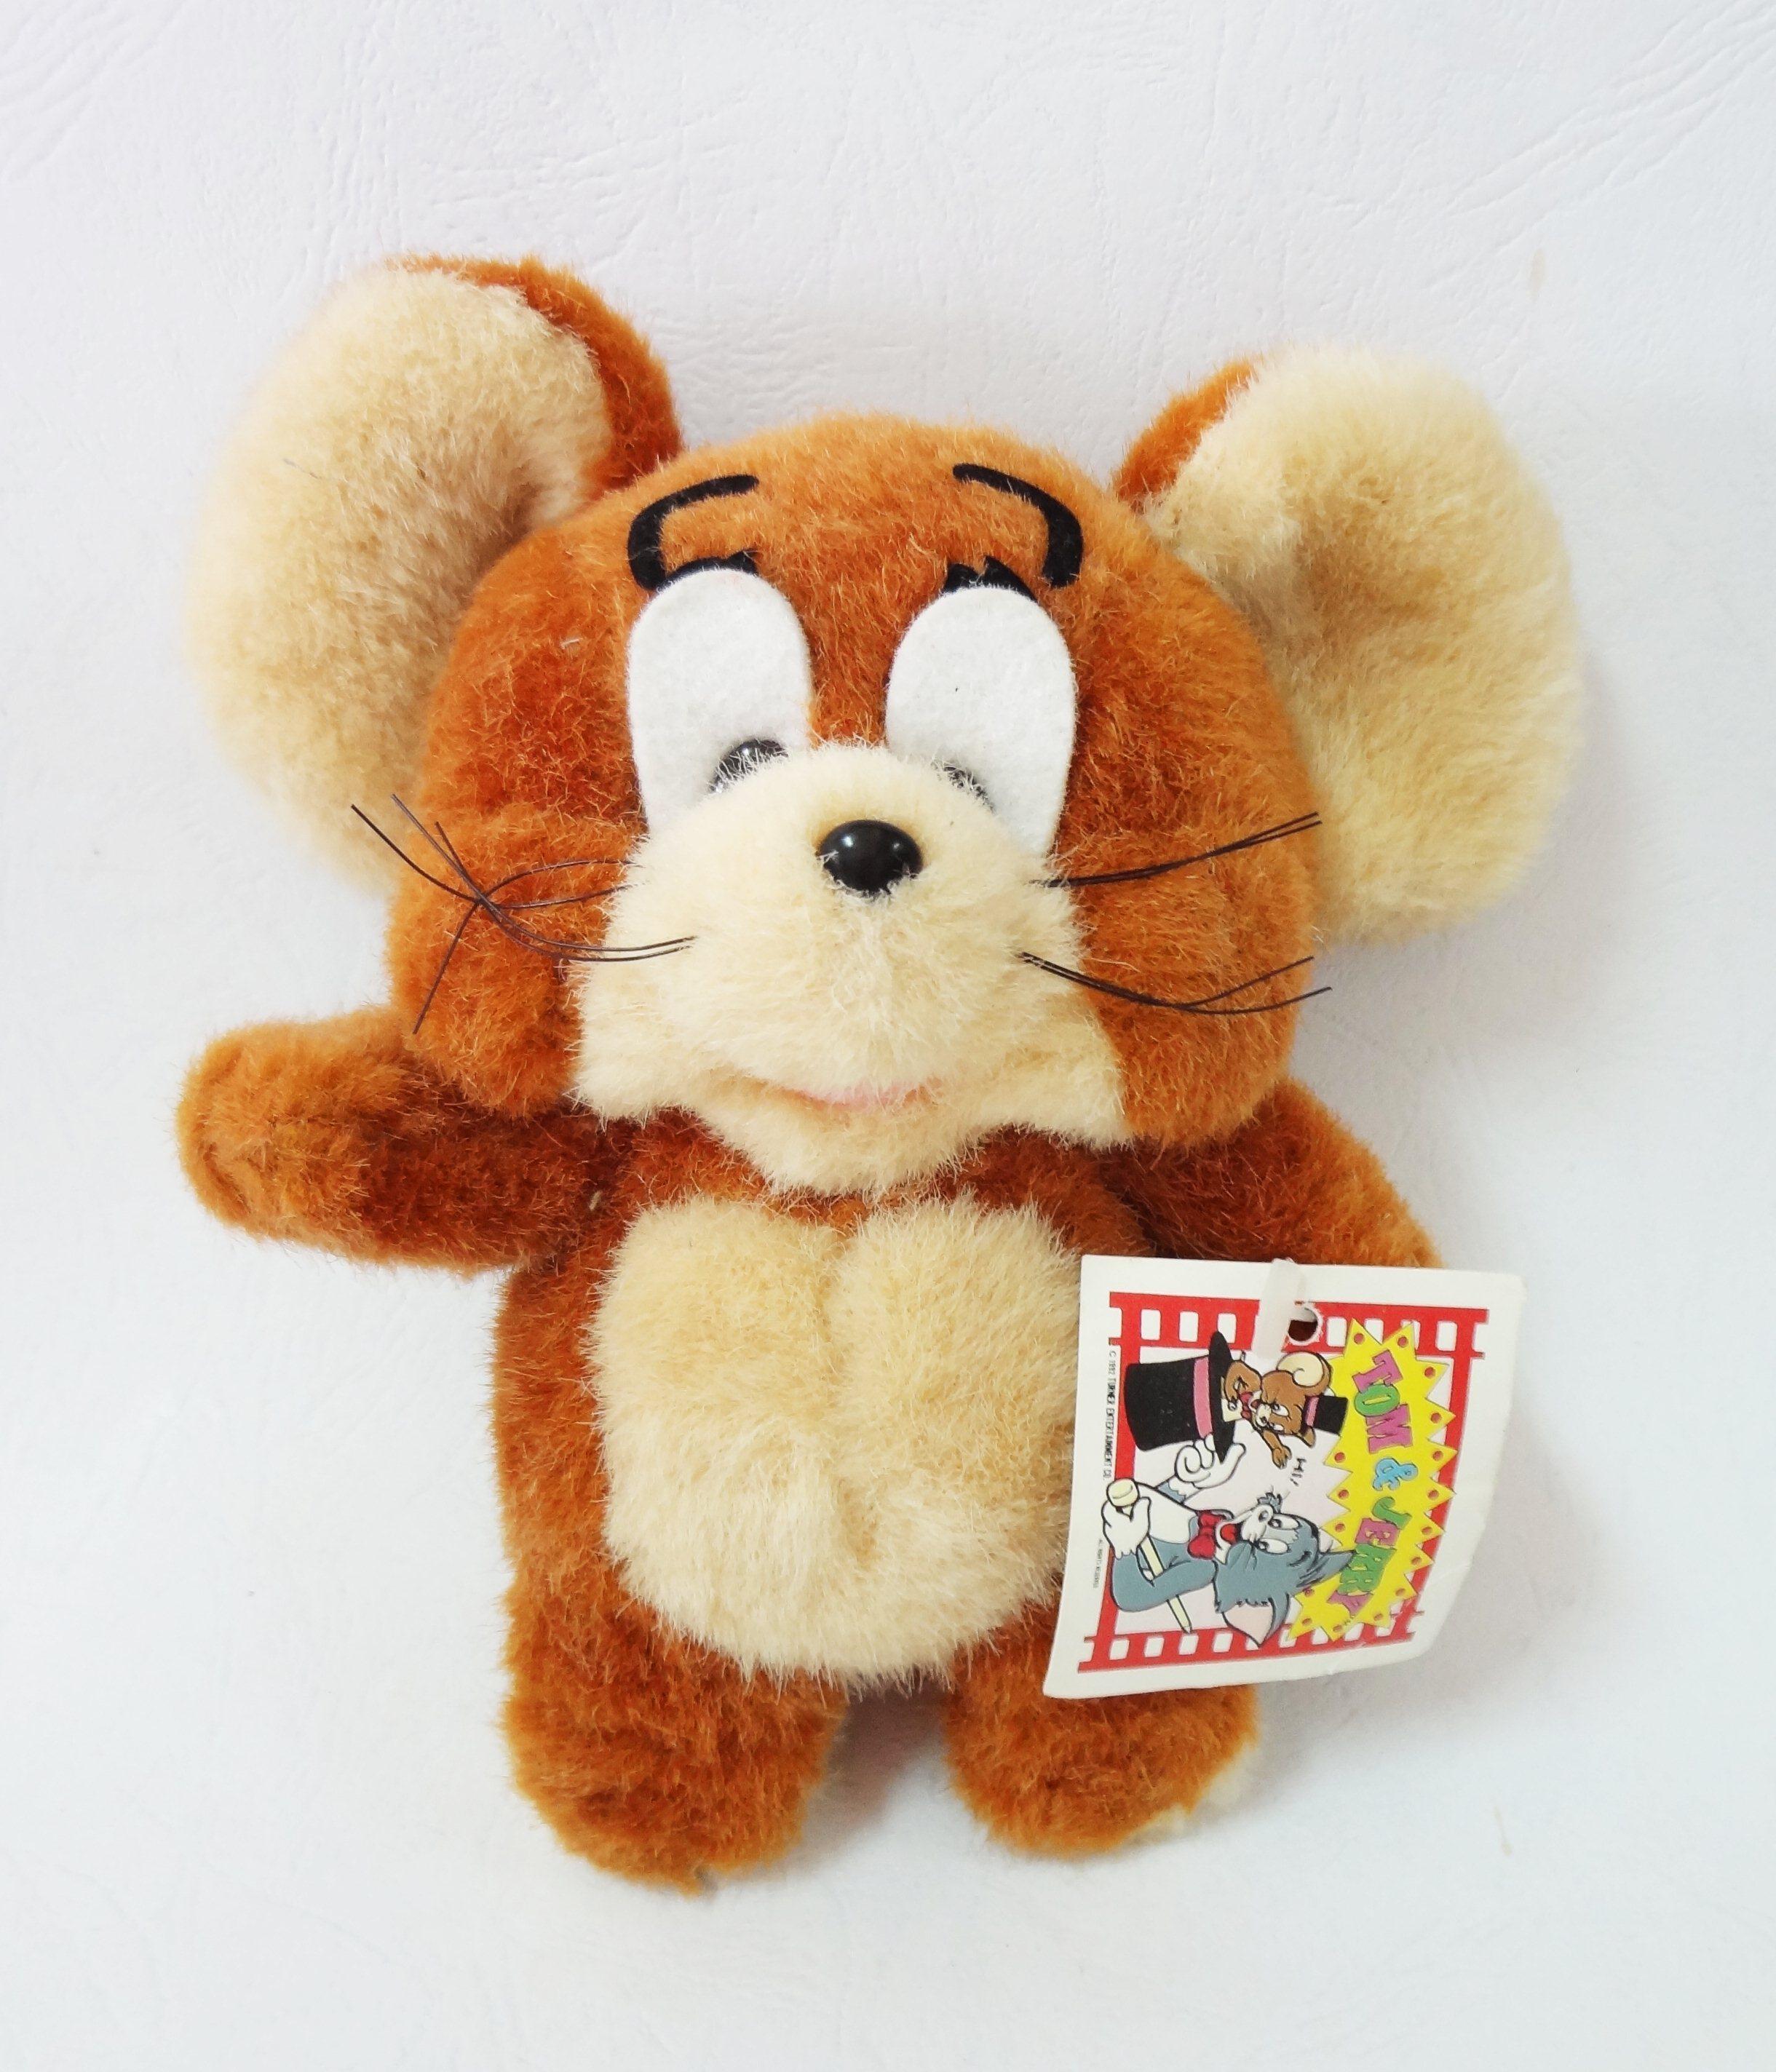 ตุ๊กตา Jerry จากเรื่อง Tom&Jerry (Kids)